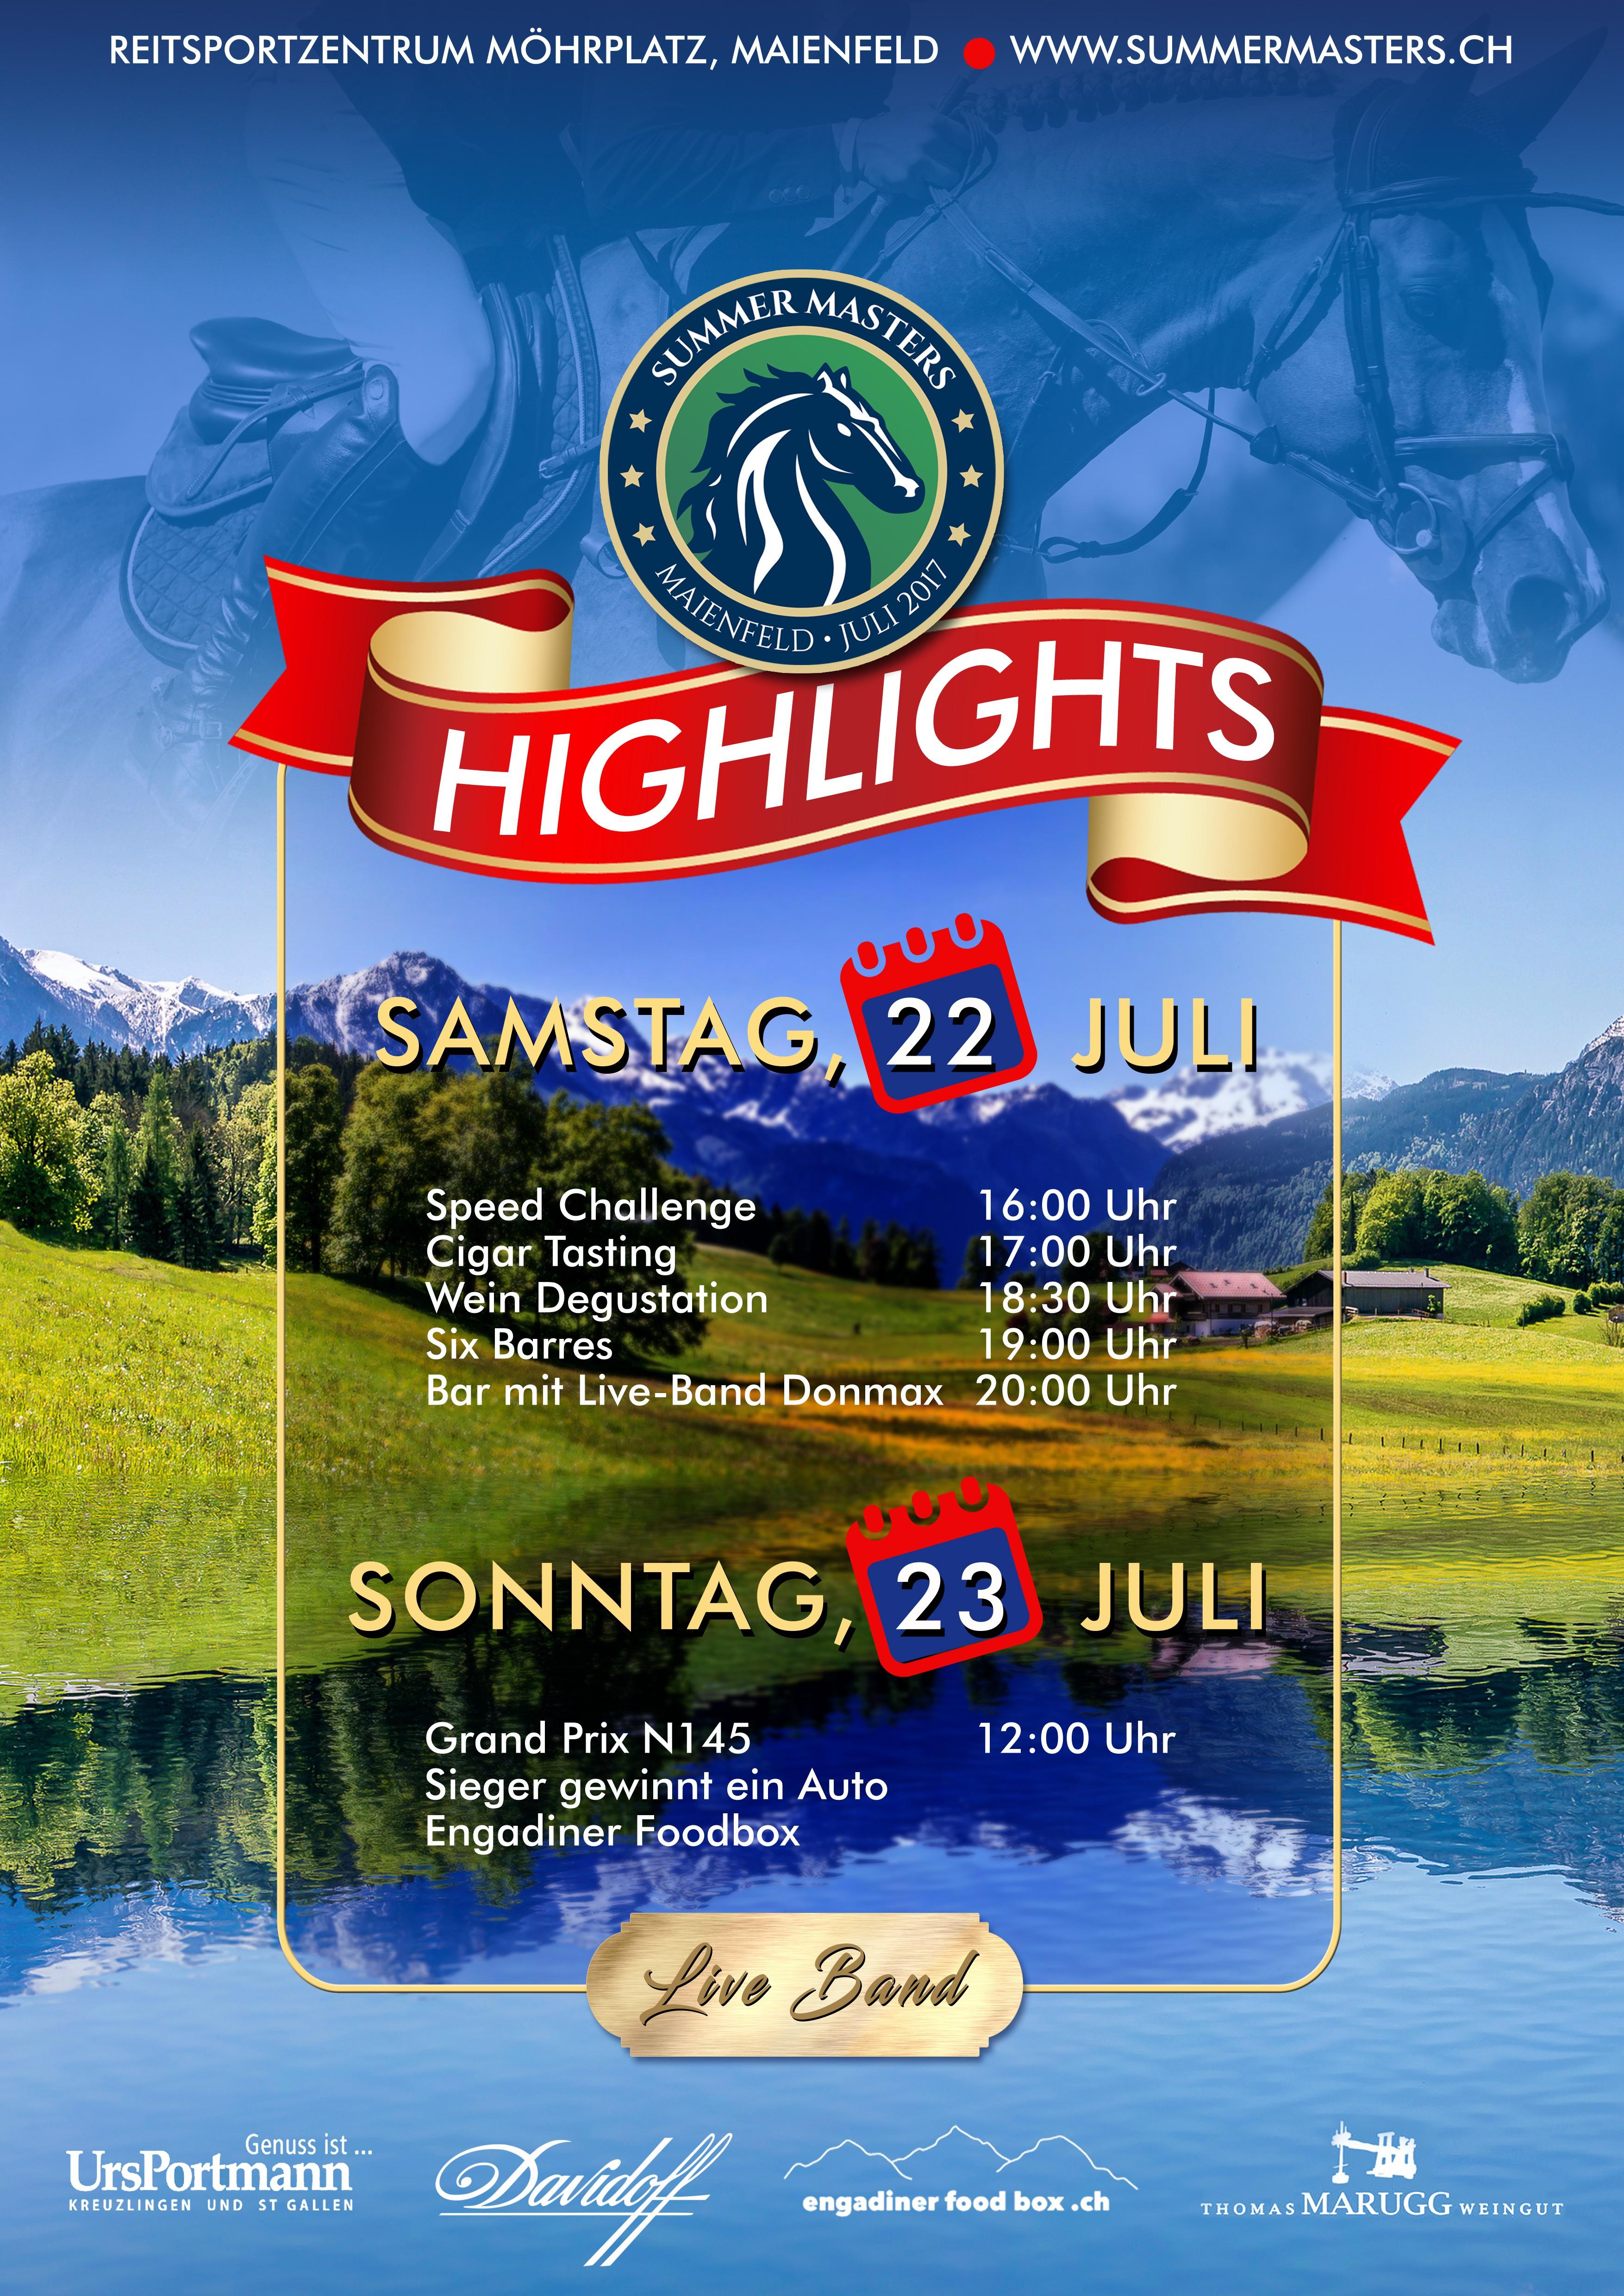 Summer Masters - Highlights